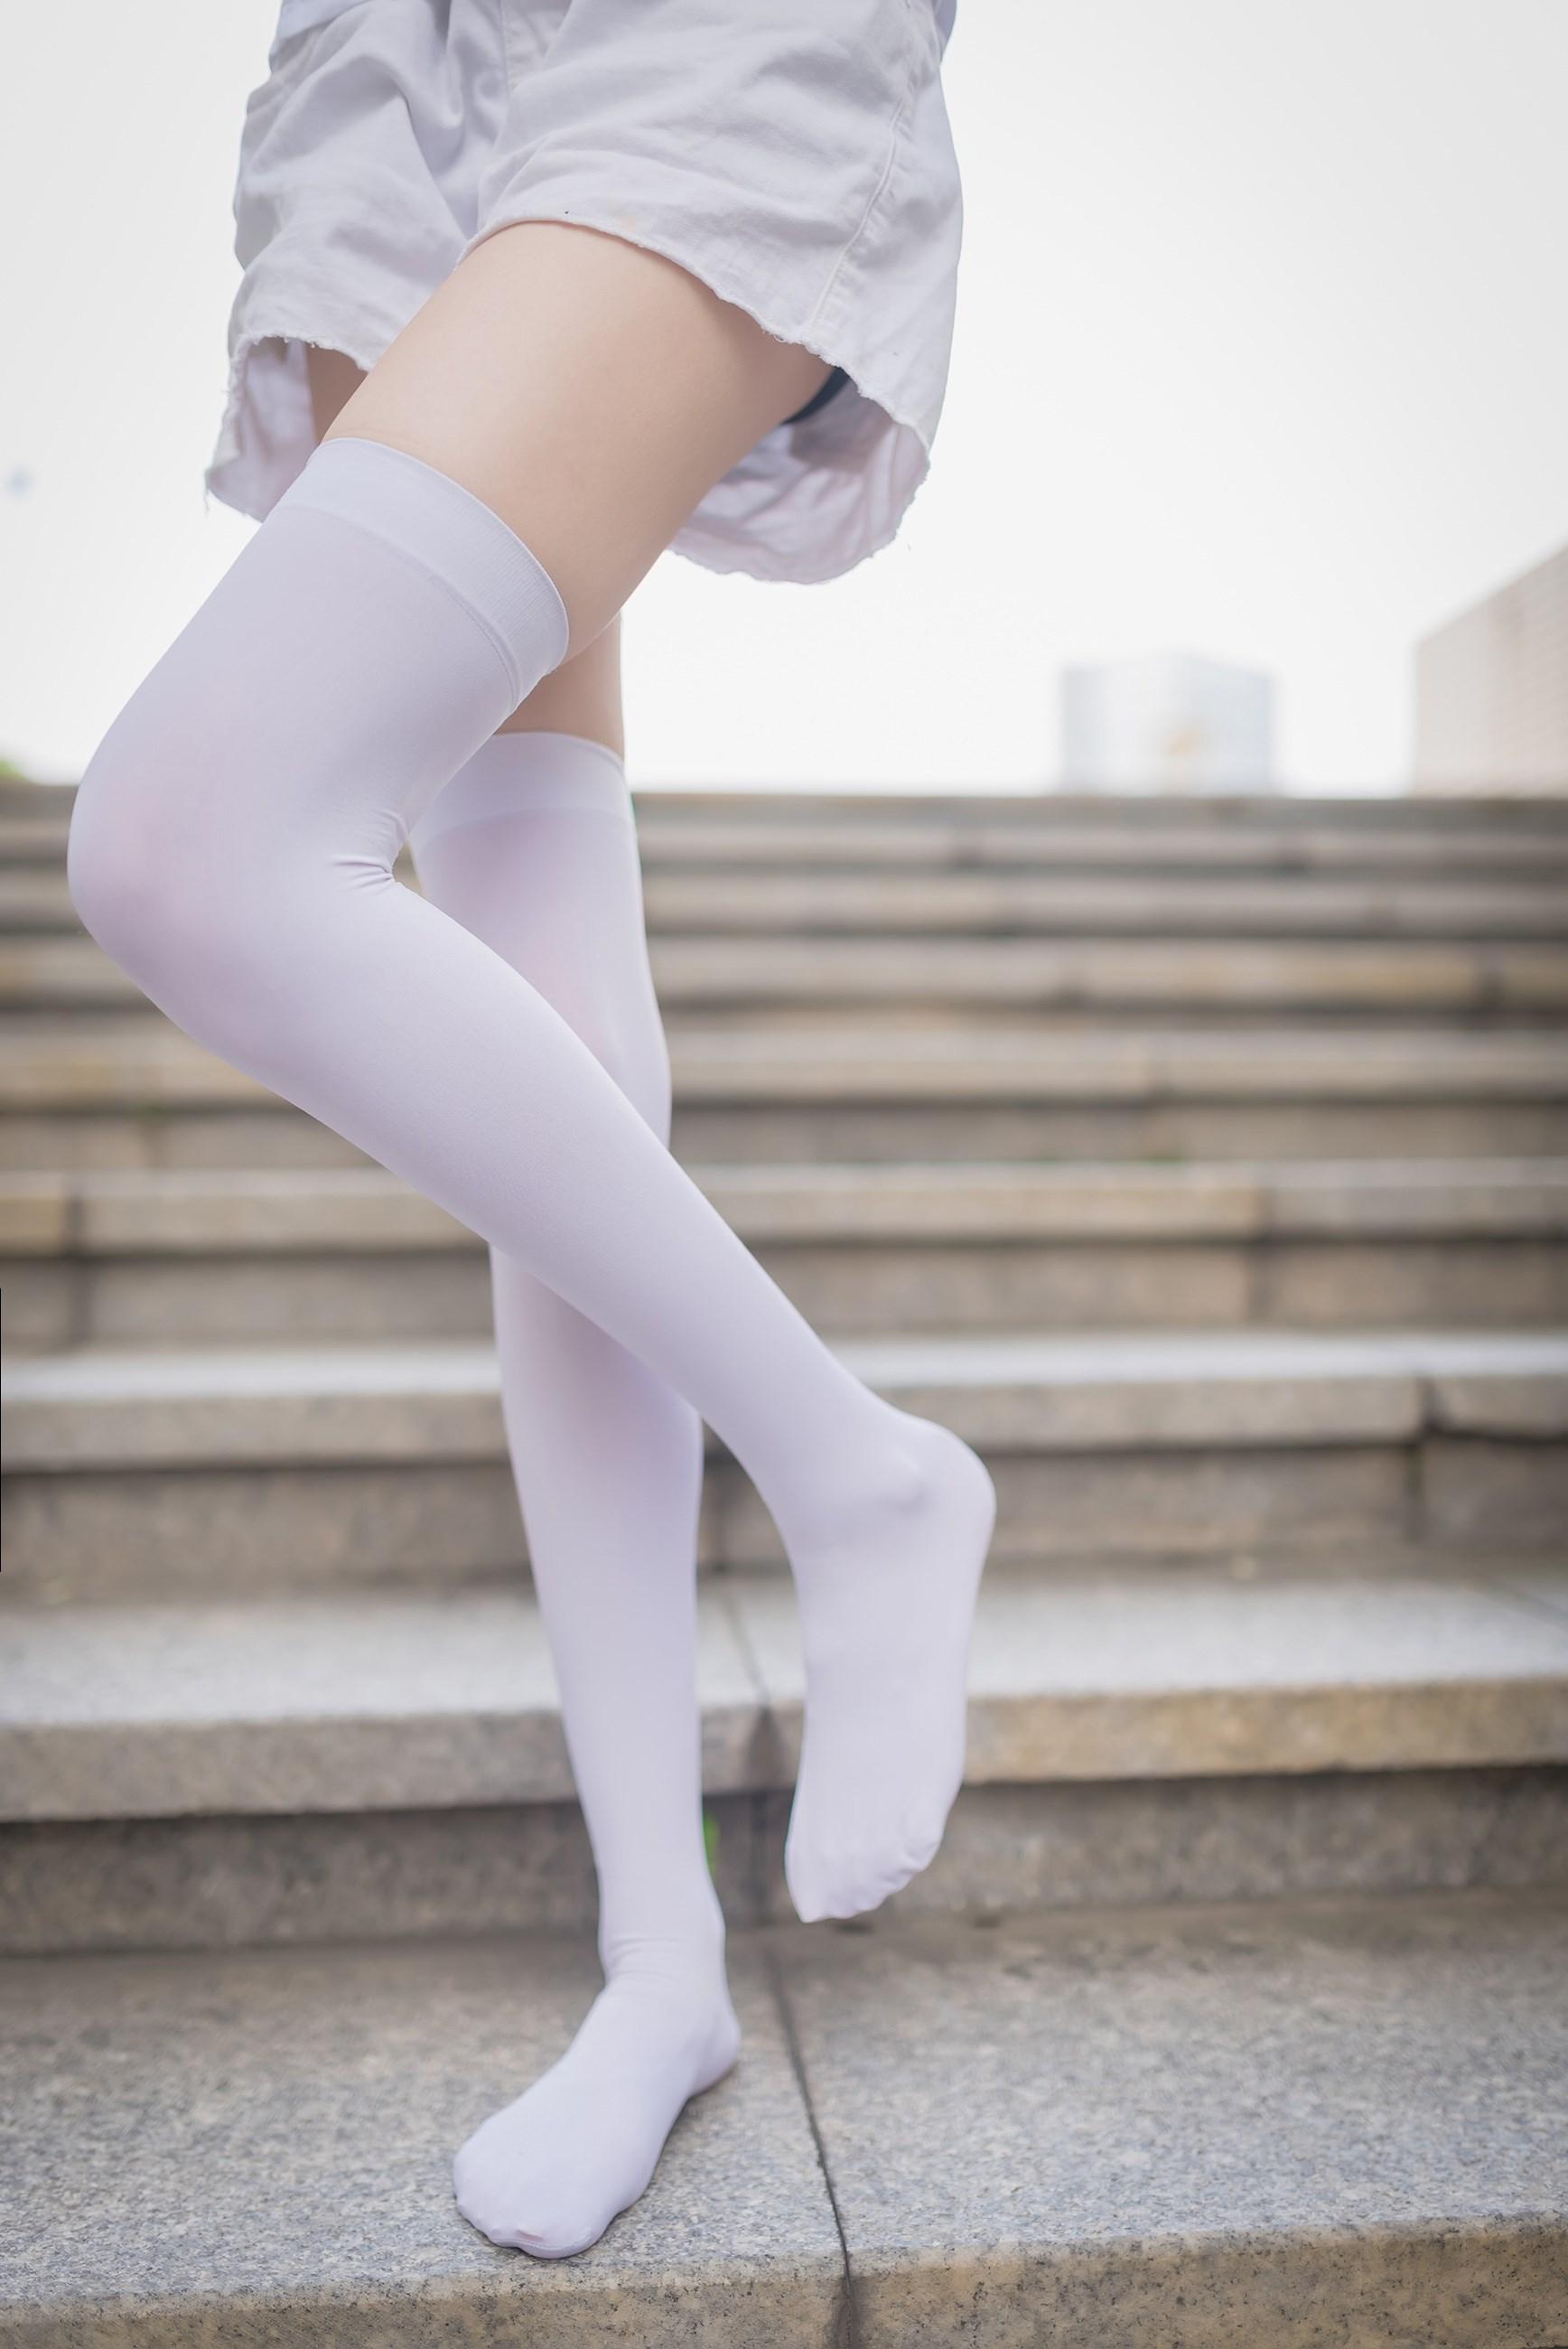 【兔玩映画】白丝过膝袜 兔玩映画 第20张